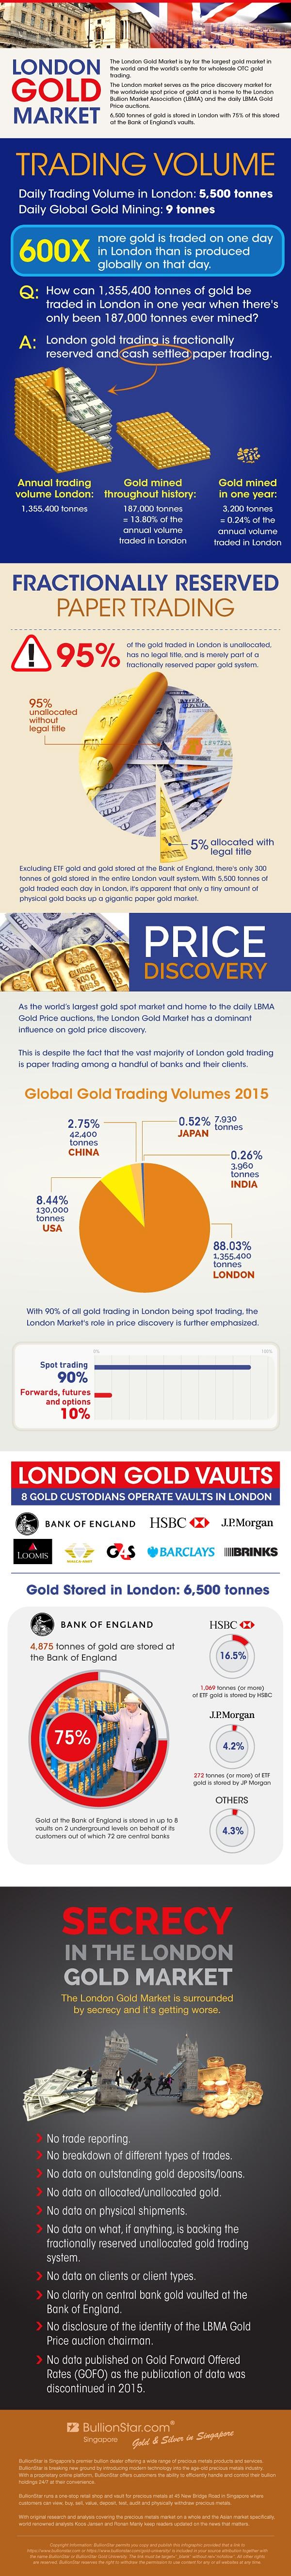 Visualizing the London Gold Market